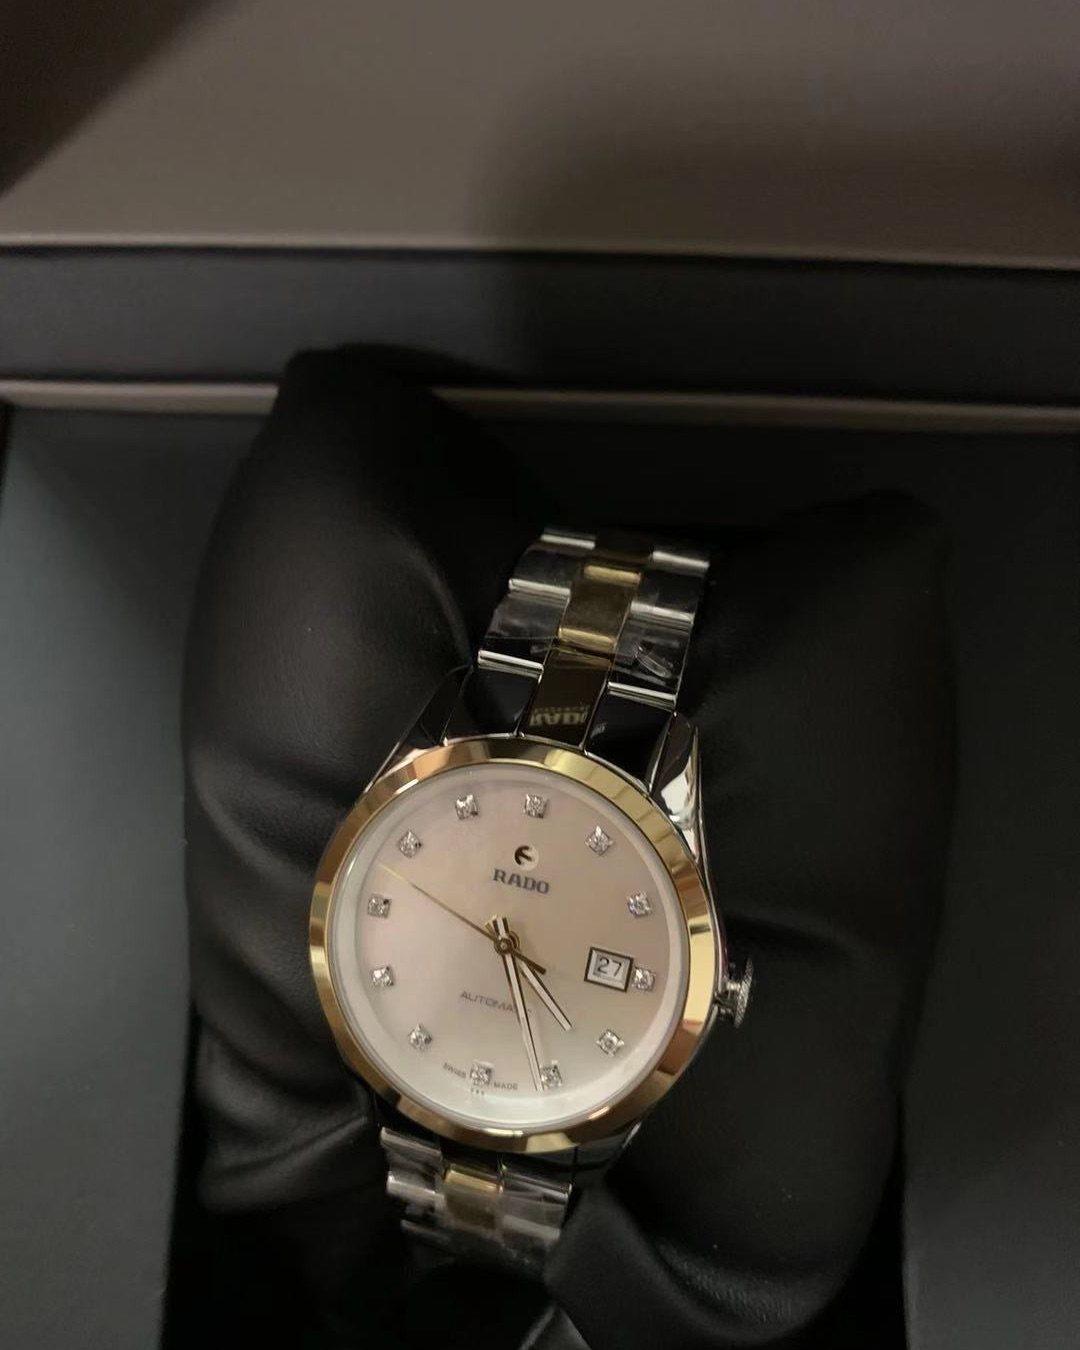 海淘剁手手表一块,发货快包装仔细到货无损坏,在J 网站买的